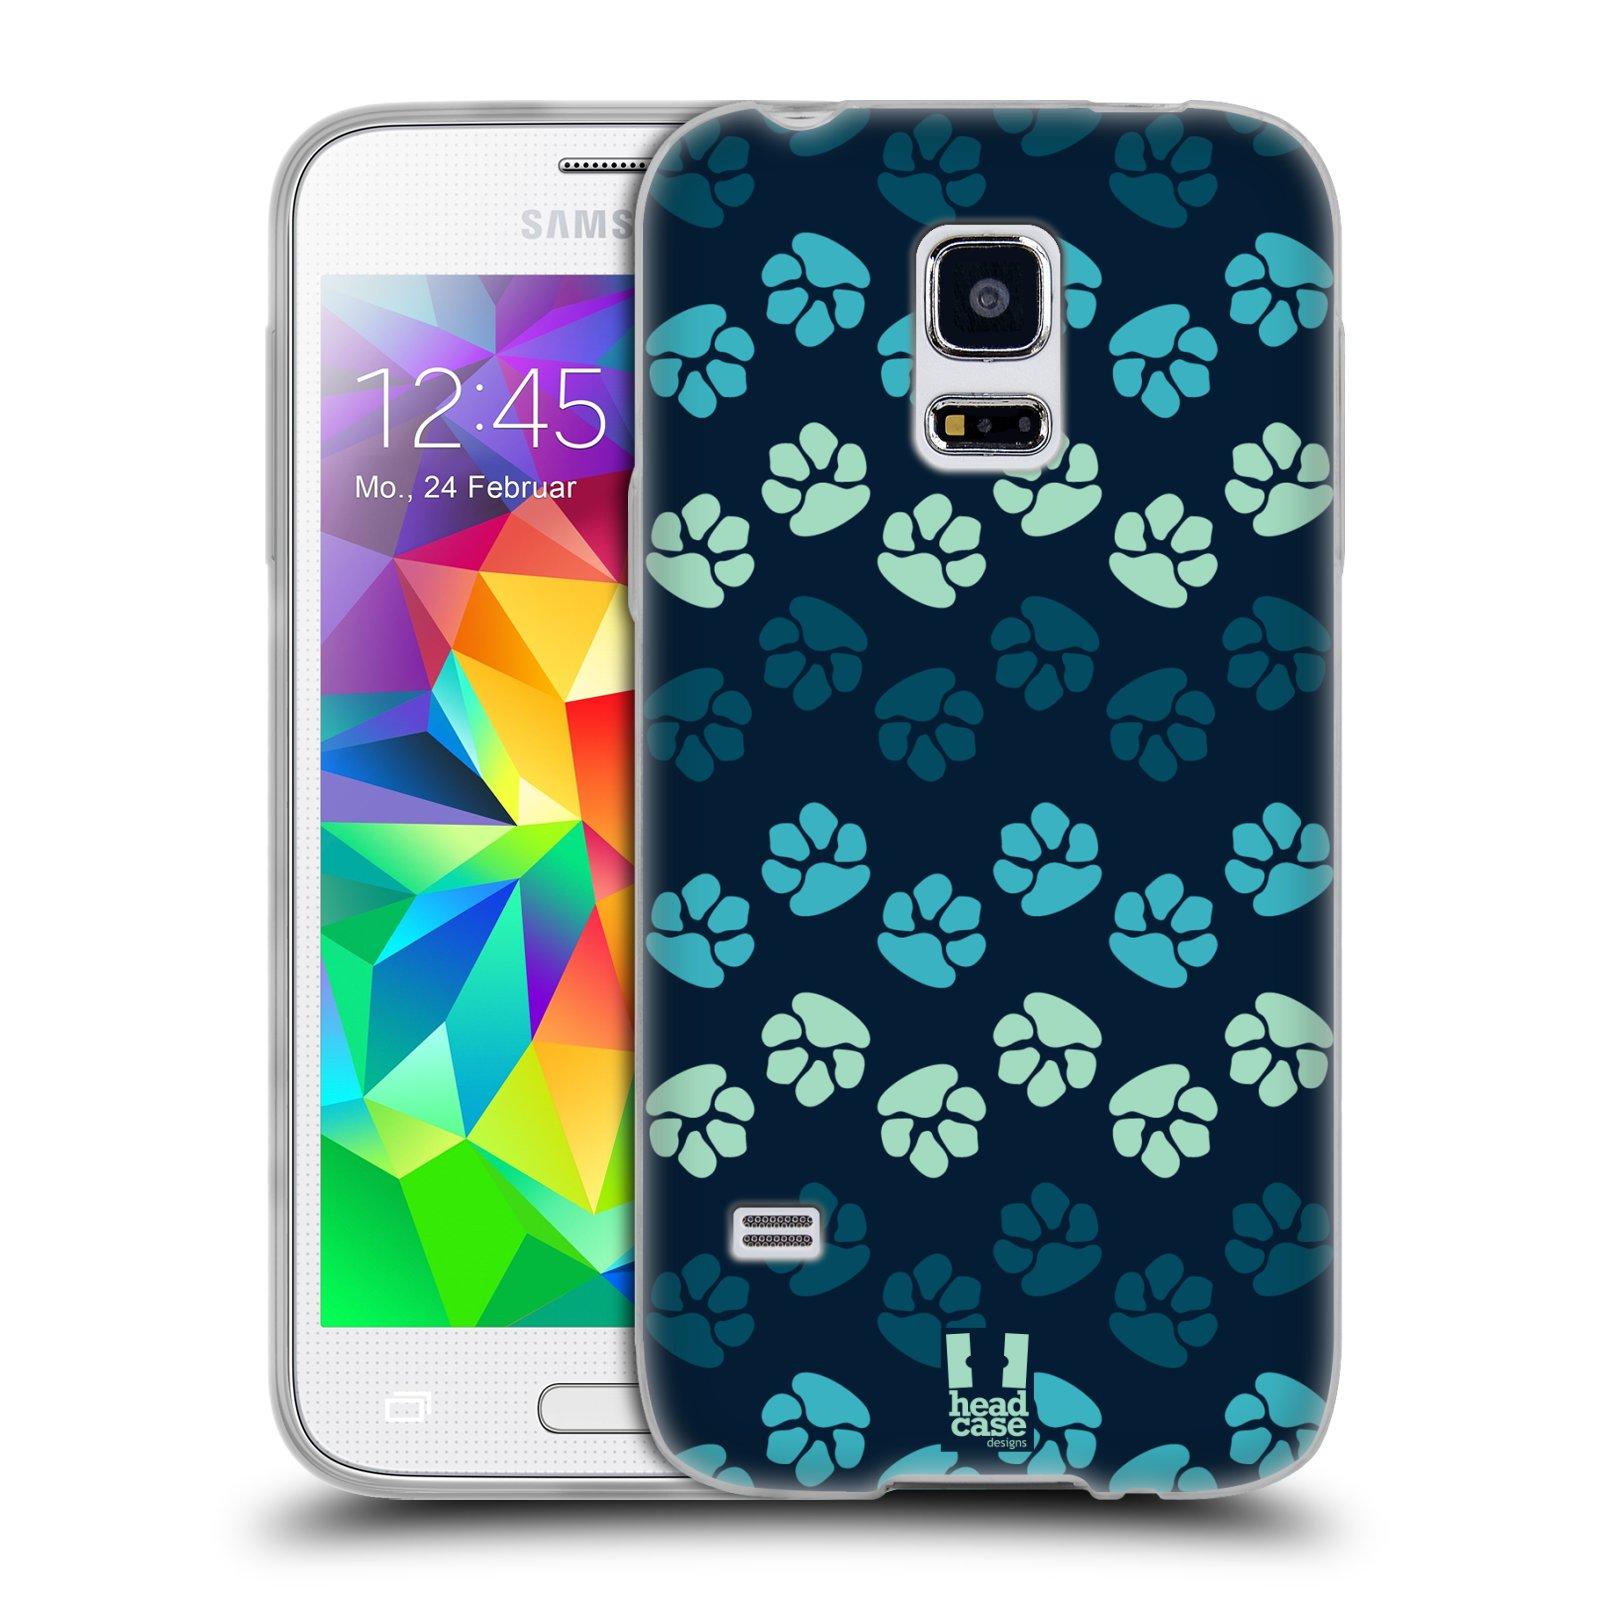 Silikonové pouzdro na mobil Samsung Galaxy S5 Mini HEAD CASE TLAPKY MODRÉ (Silikonový kryt či obal na mobilní telefon Samsung Galaxy S5 Mini SM-G800F)